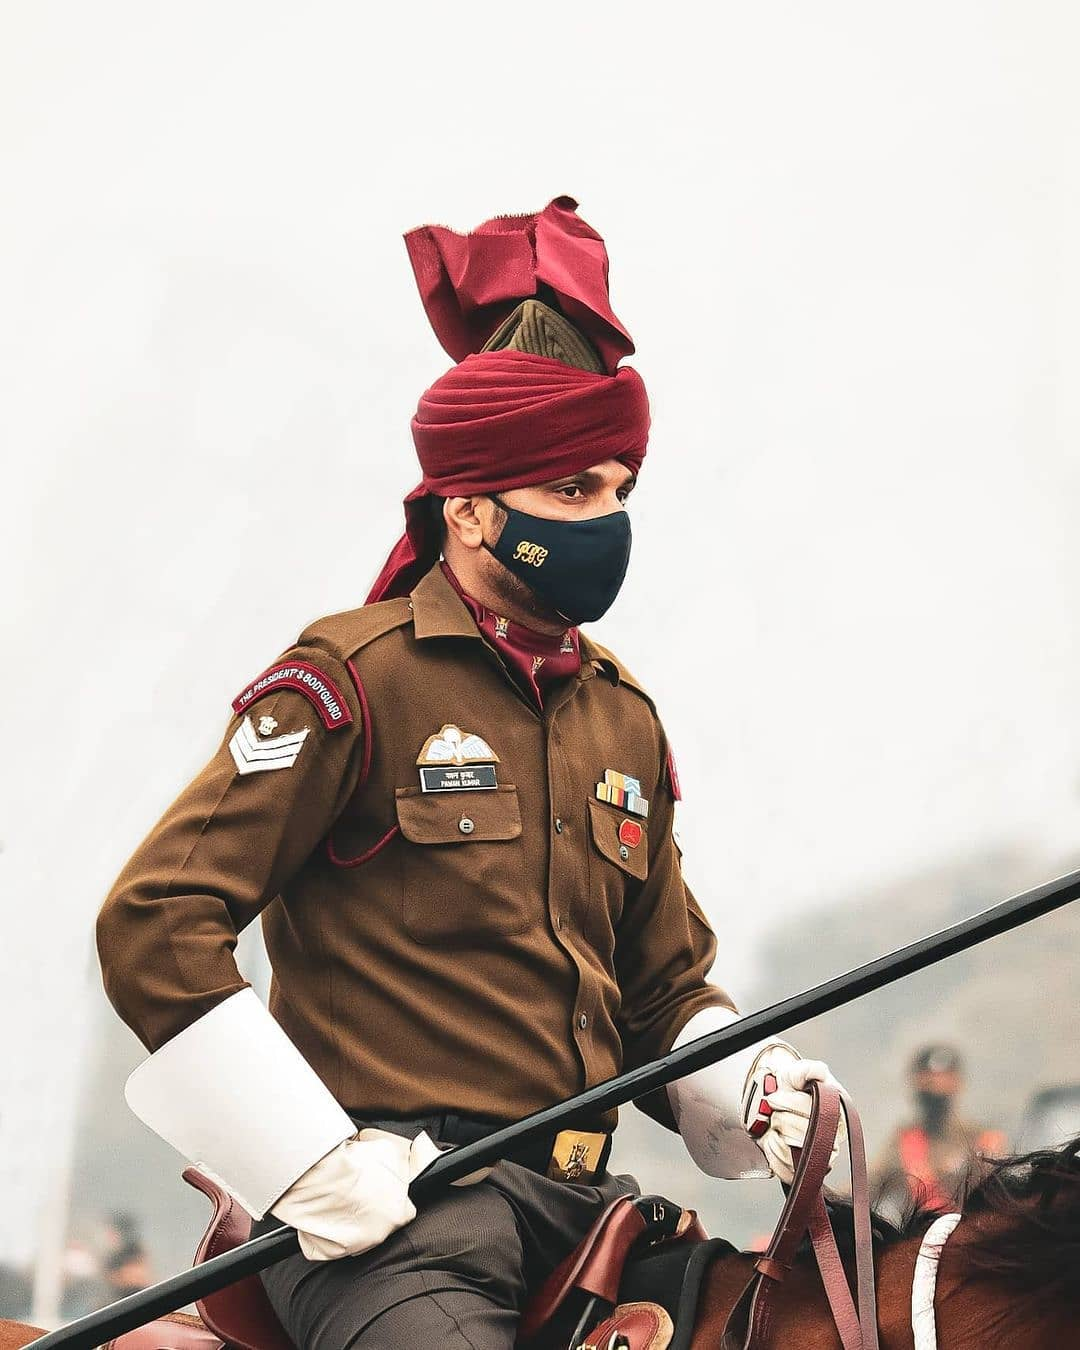 _soldiers_soulmate_1611111136853504.jpg